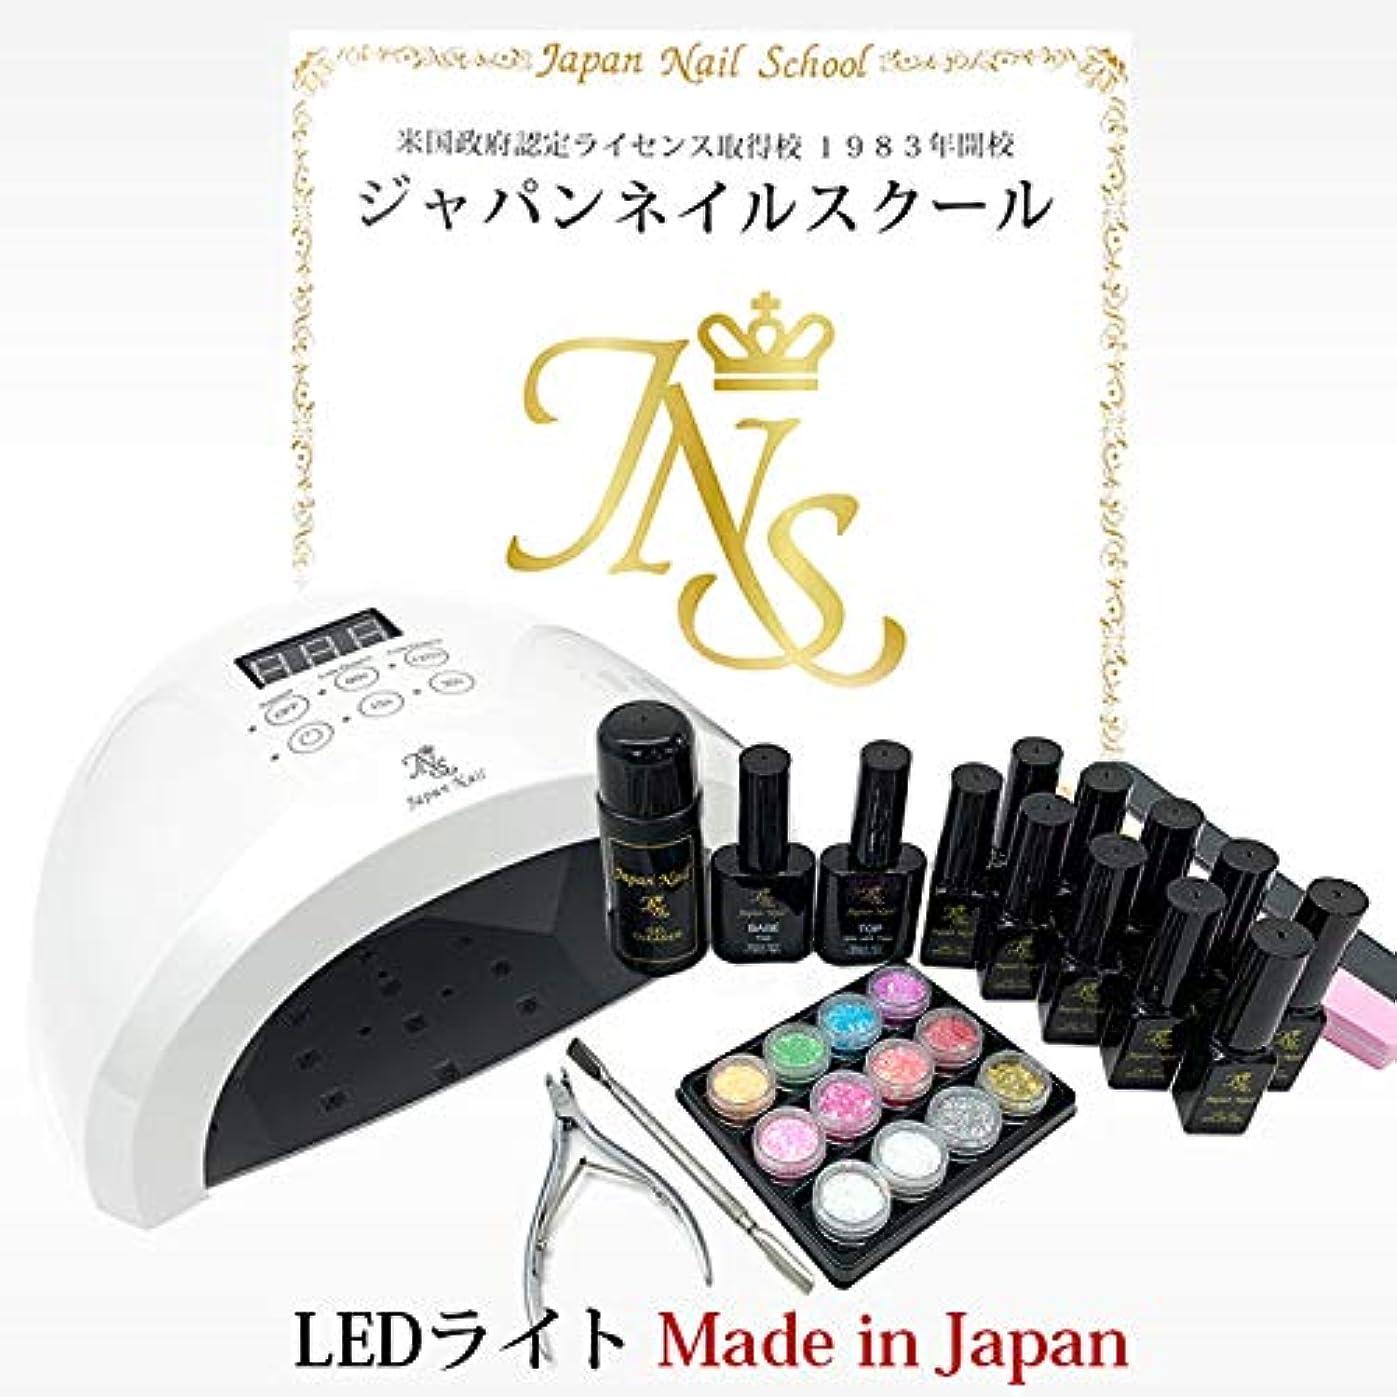 裕福な歴史的マイク弱爪?傷爪でも熱くない2つのローダウン機能搭載ジェルネイルキット最新型日本製LEDライトn7初心者も安心の5年間サポート付